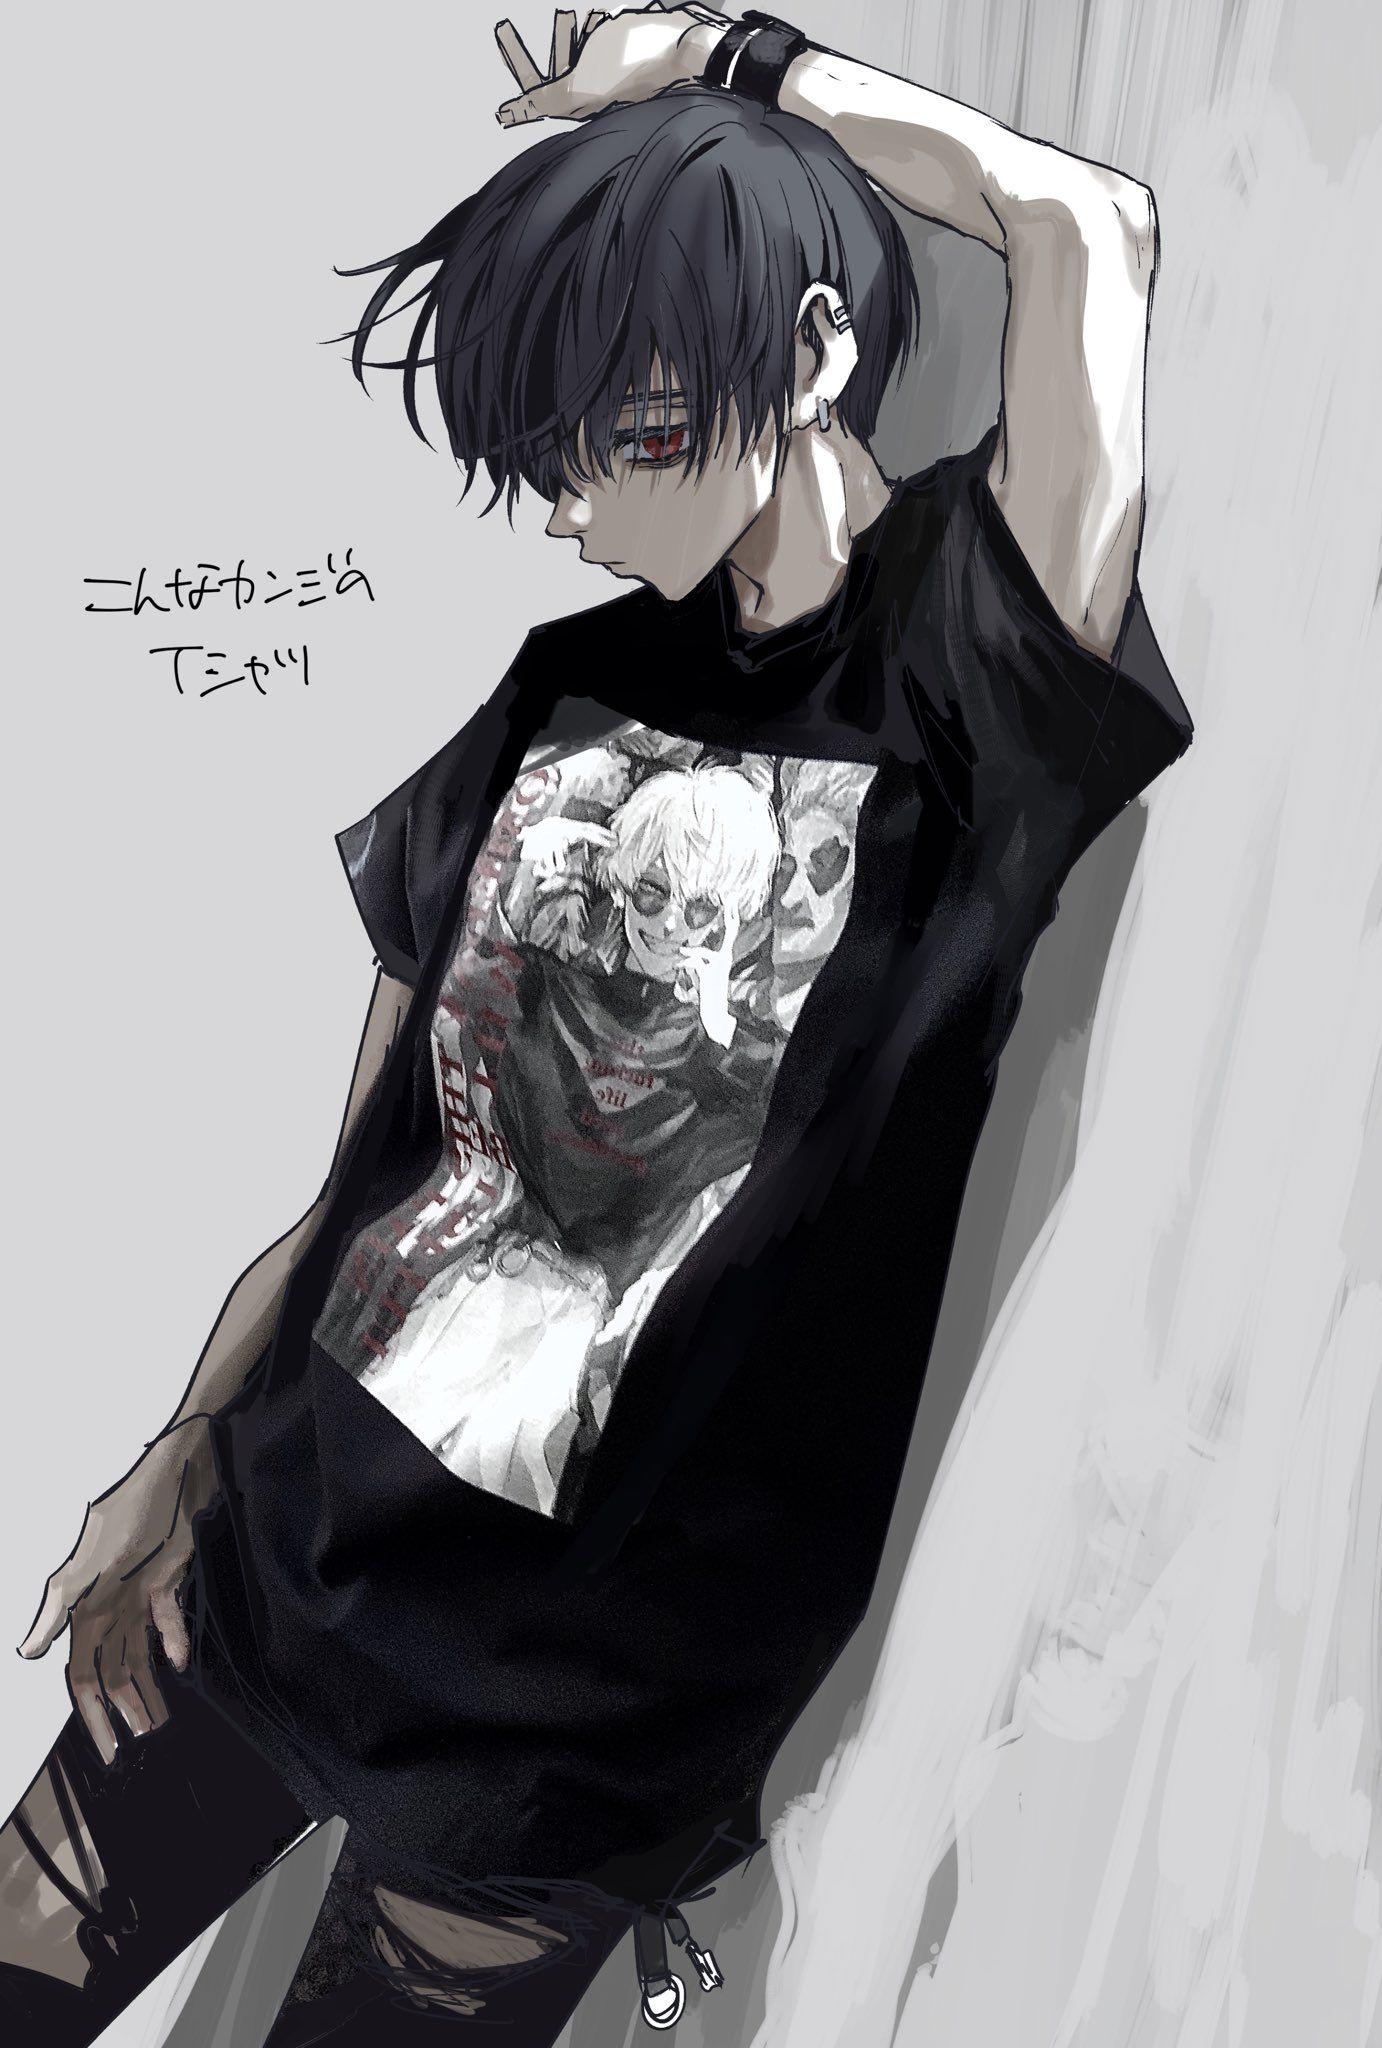 野原もさえ Mosaenohara On Twitter In 2021 Anime Drawings Boy Emo Art Gothic Anime